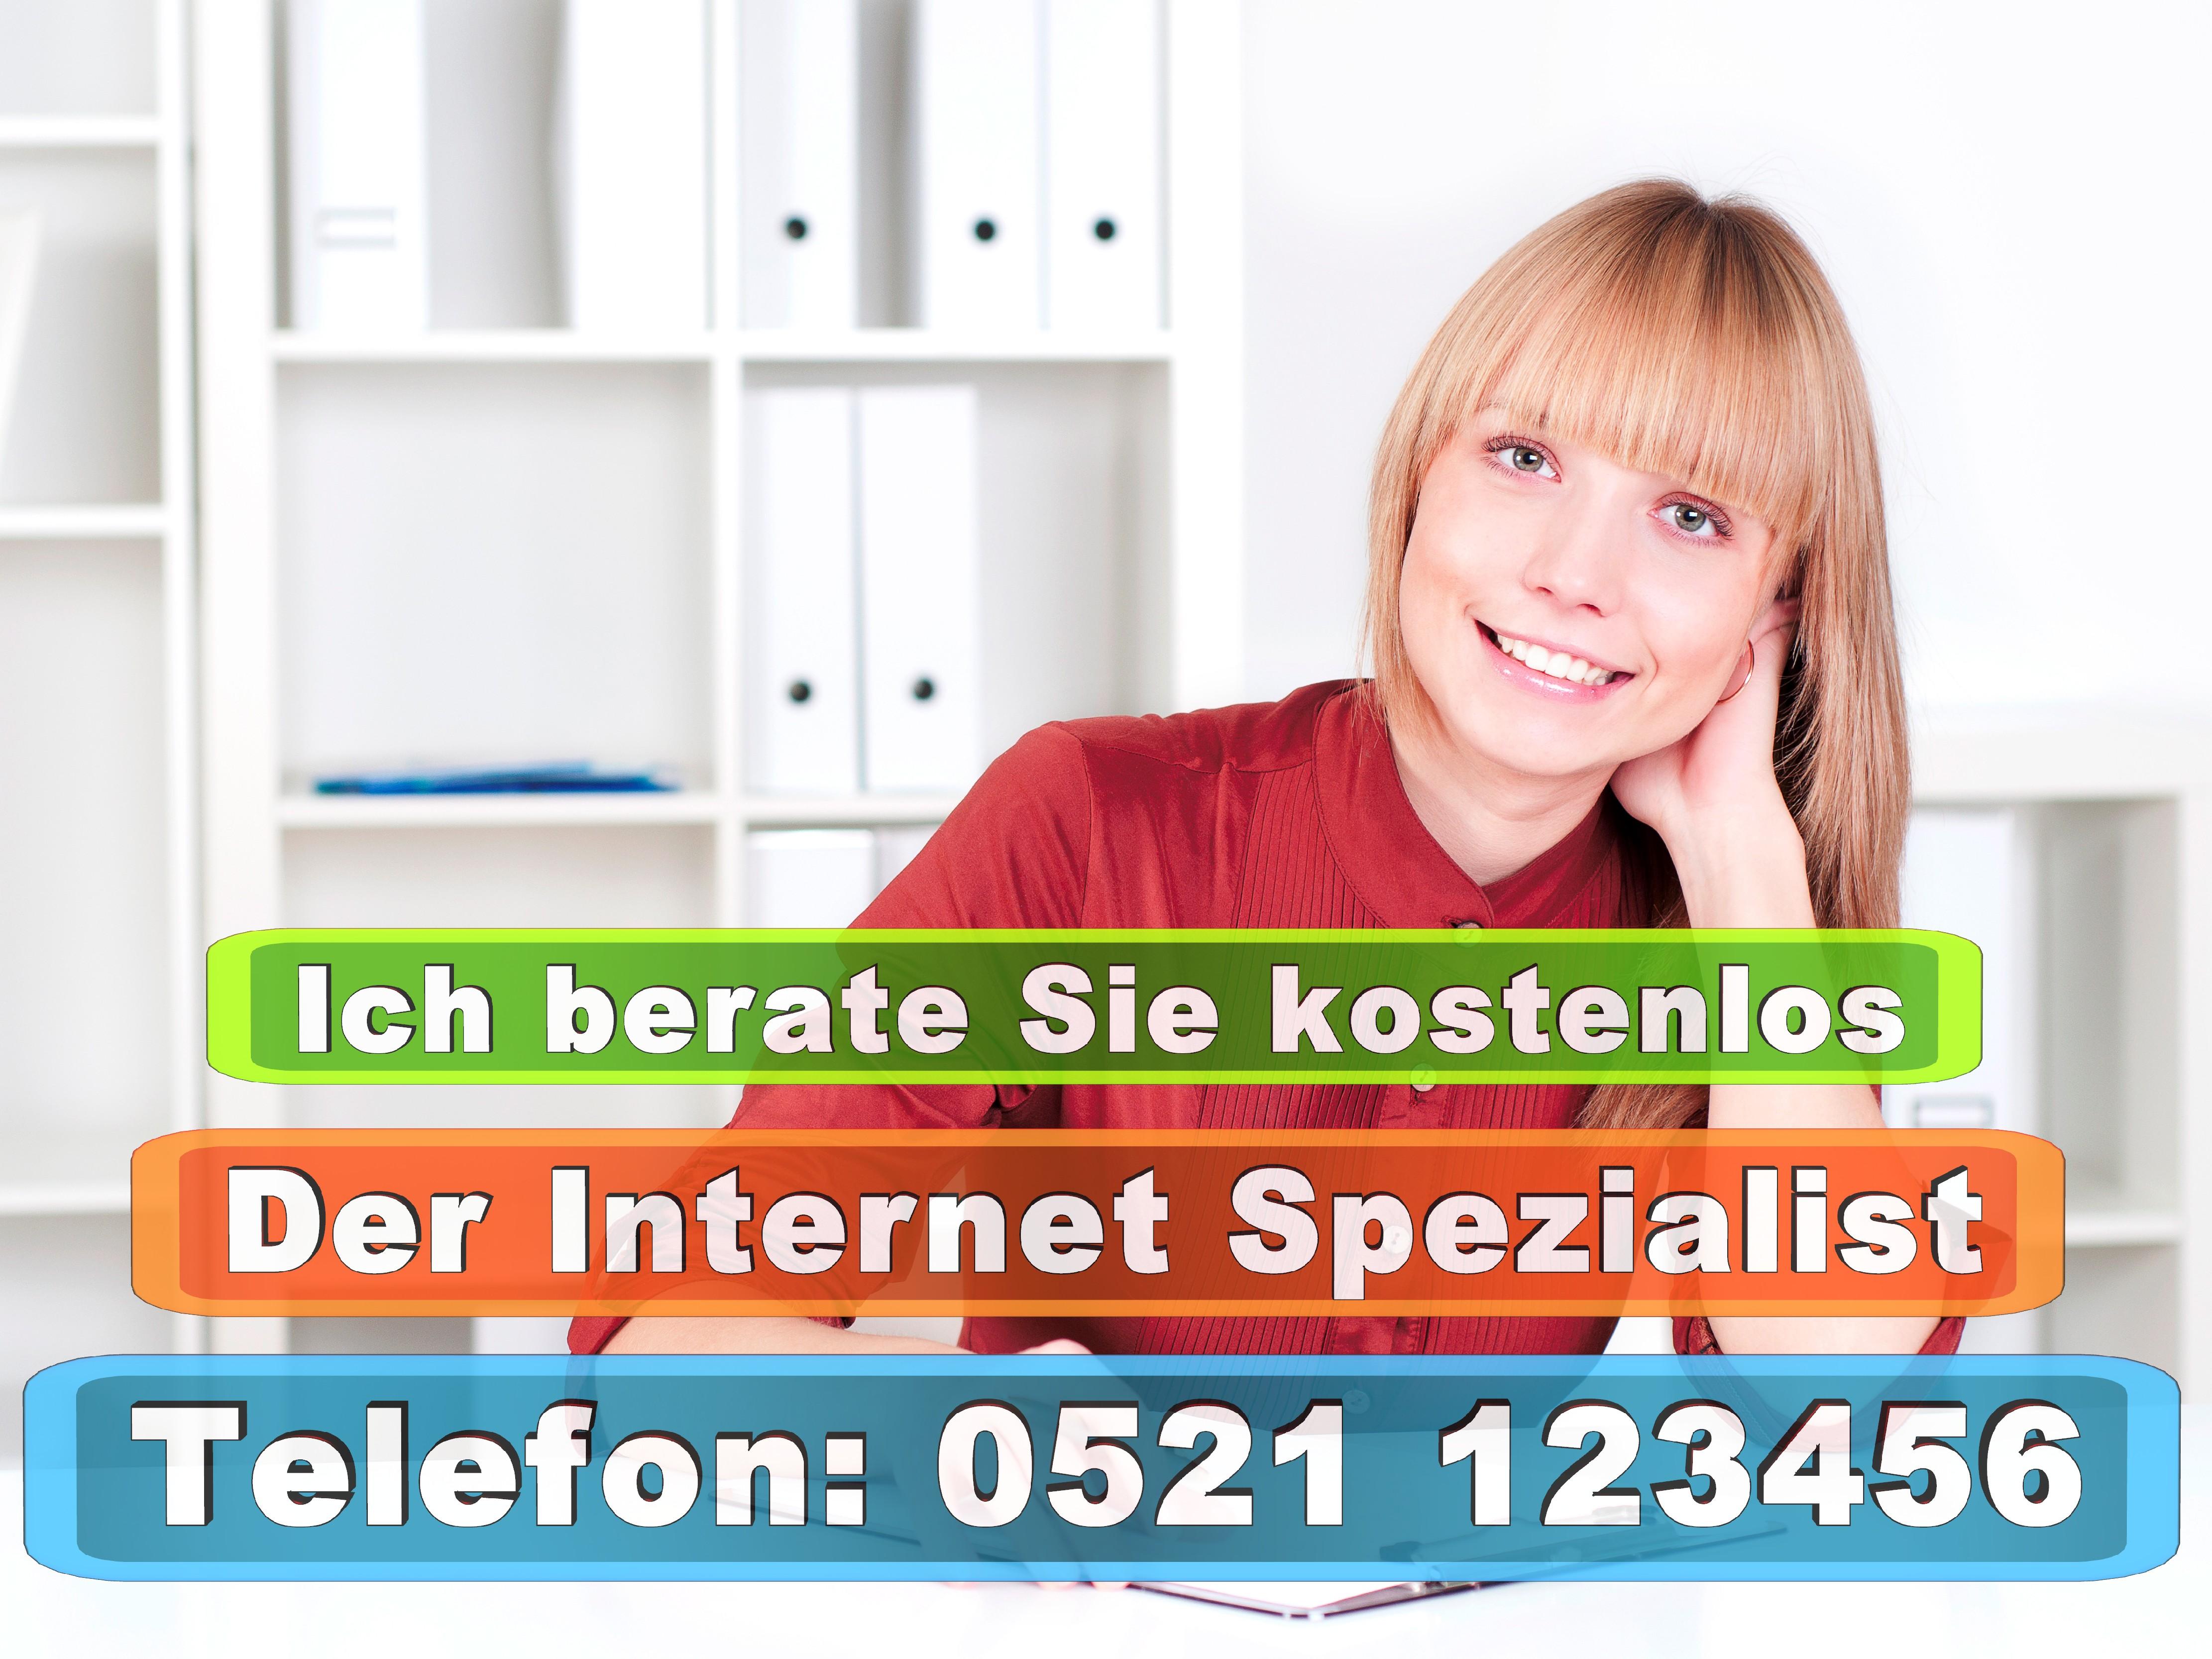 Steuerberater Bielefeld Rechtsanwalt Bielefeld Hausverwaltung Bielefeld Immobilien Bielefeld Architekt Bielefeld Büro Versicherungen (16)